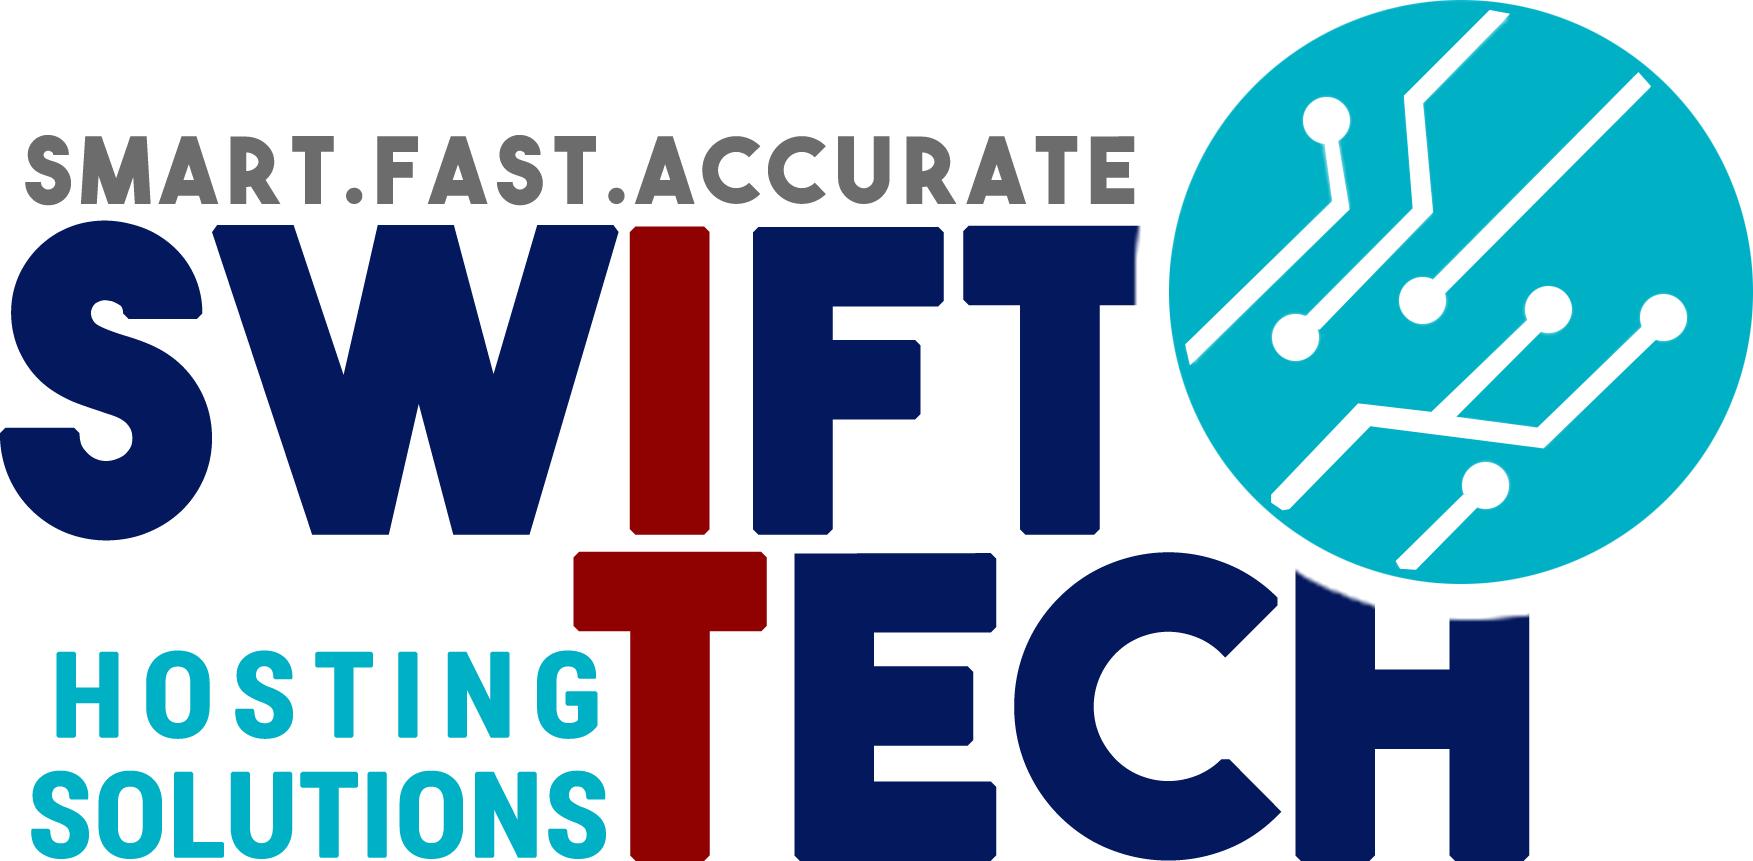 SwiftTech